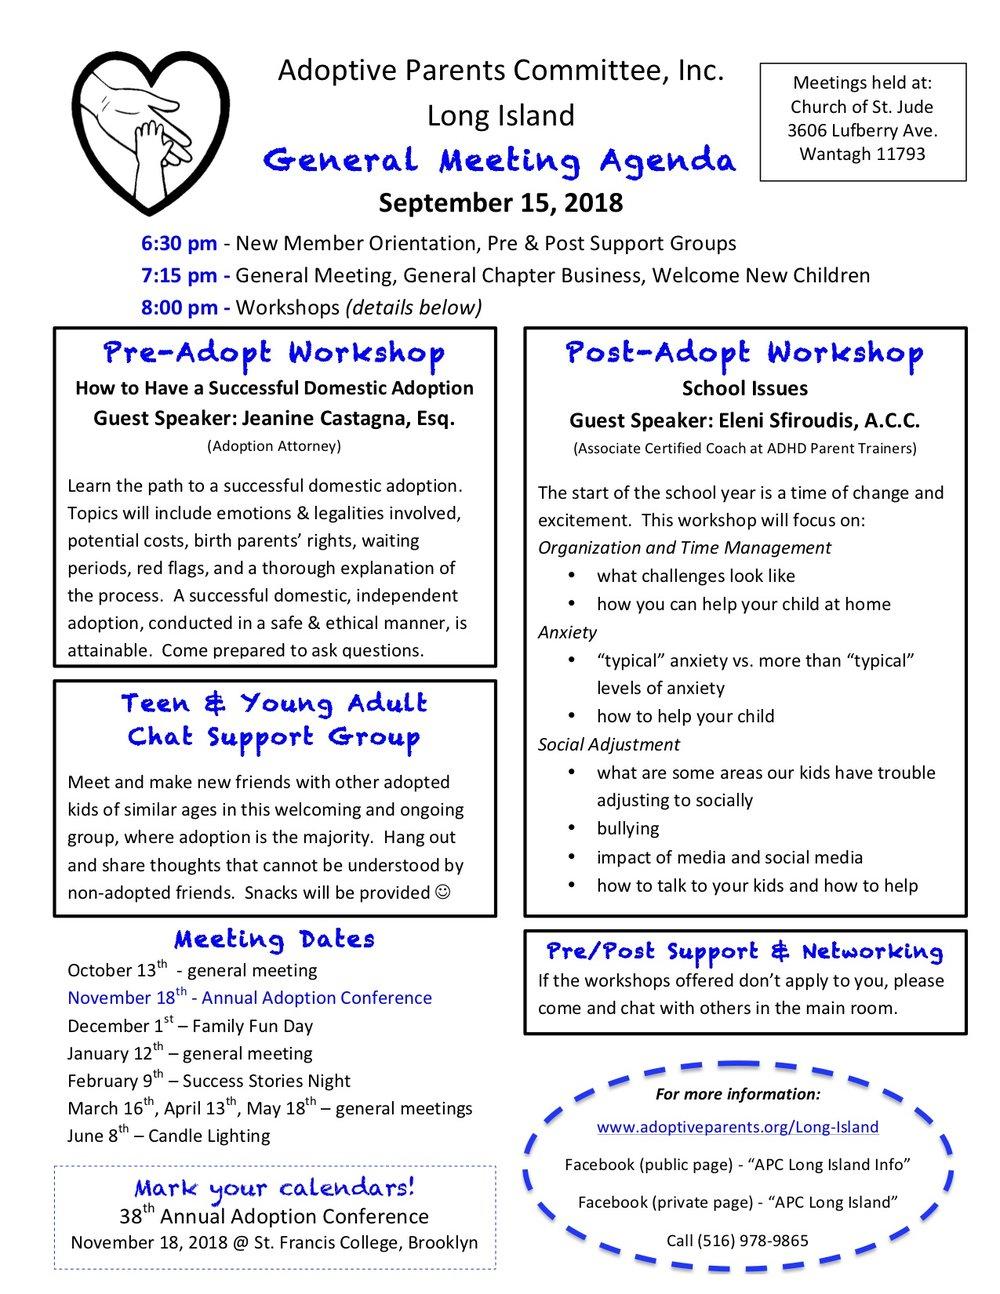 9-2018 agenda.jpg